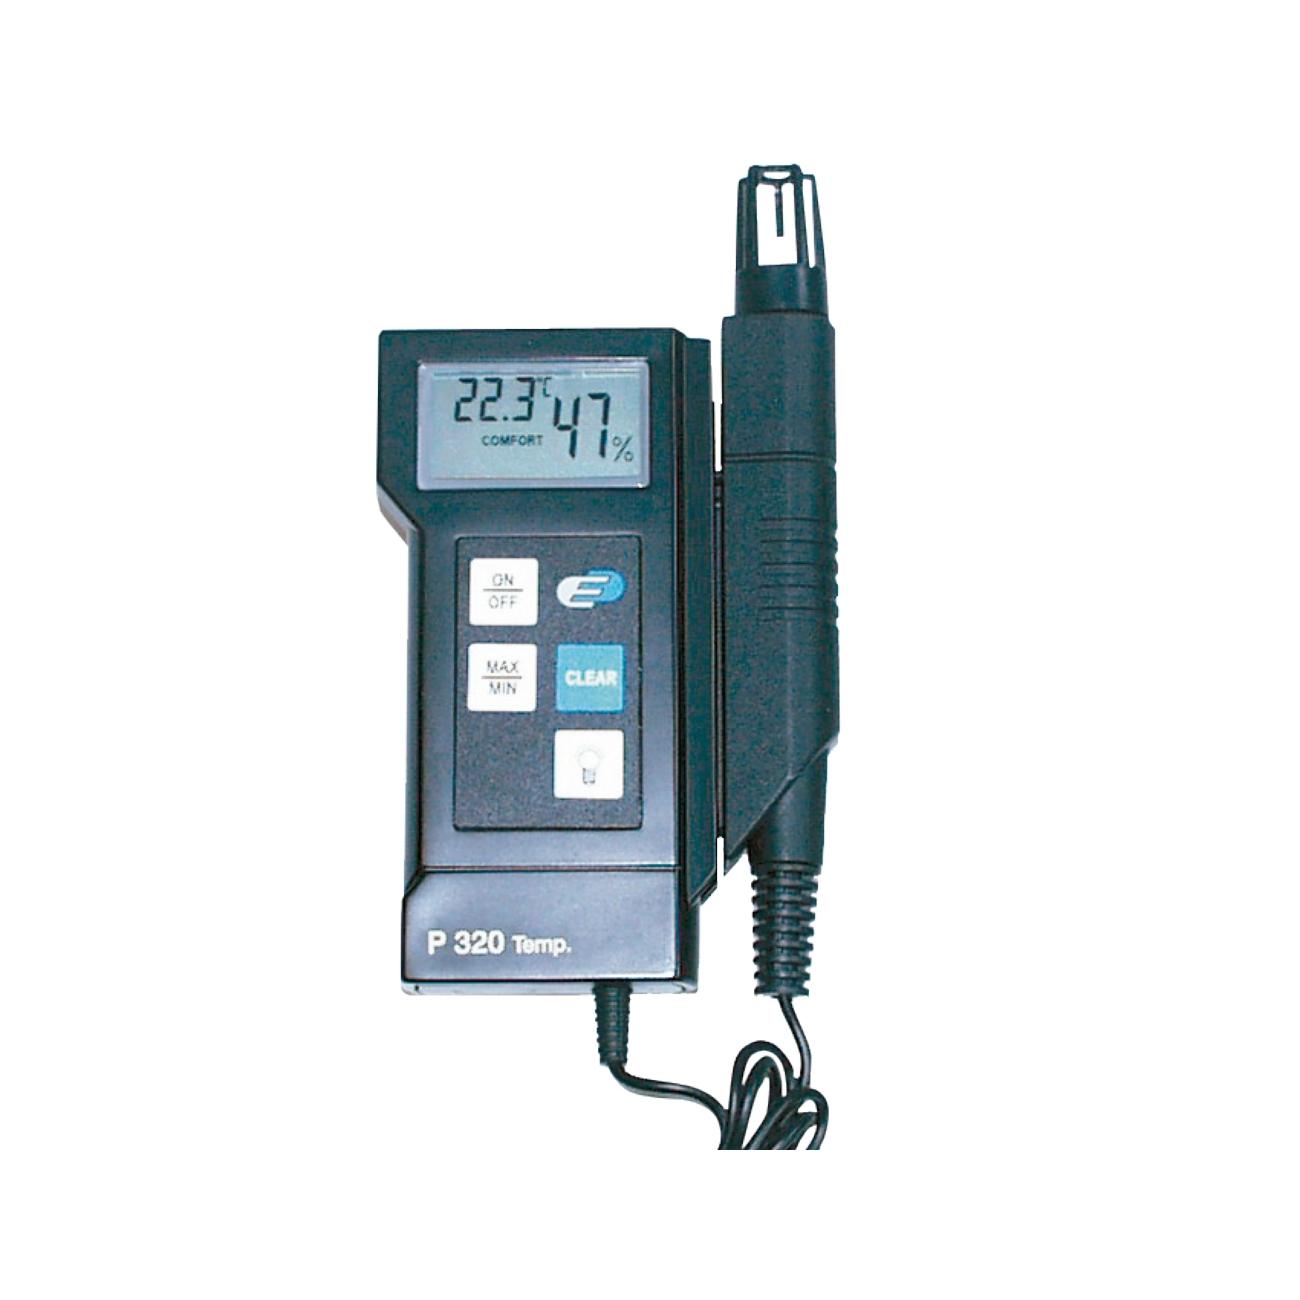 Przyrząd do pomiaru temperatury - wilgotności